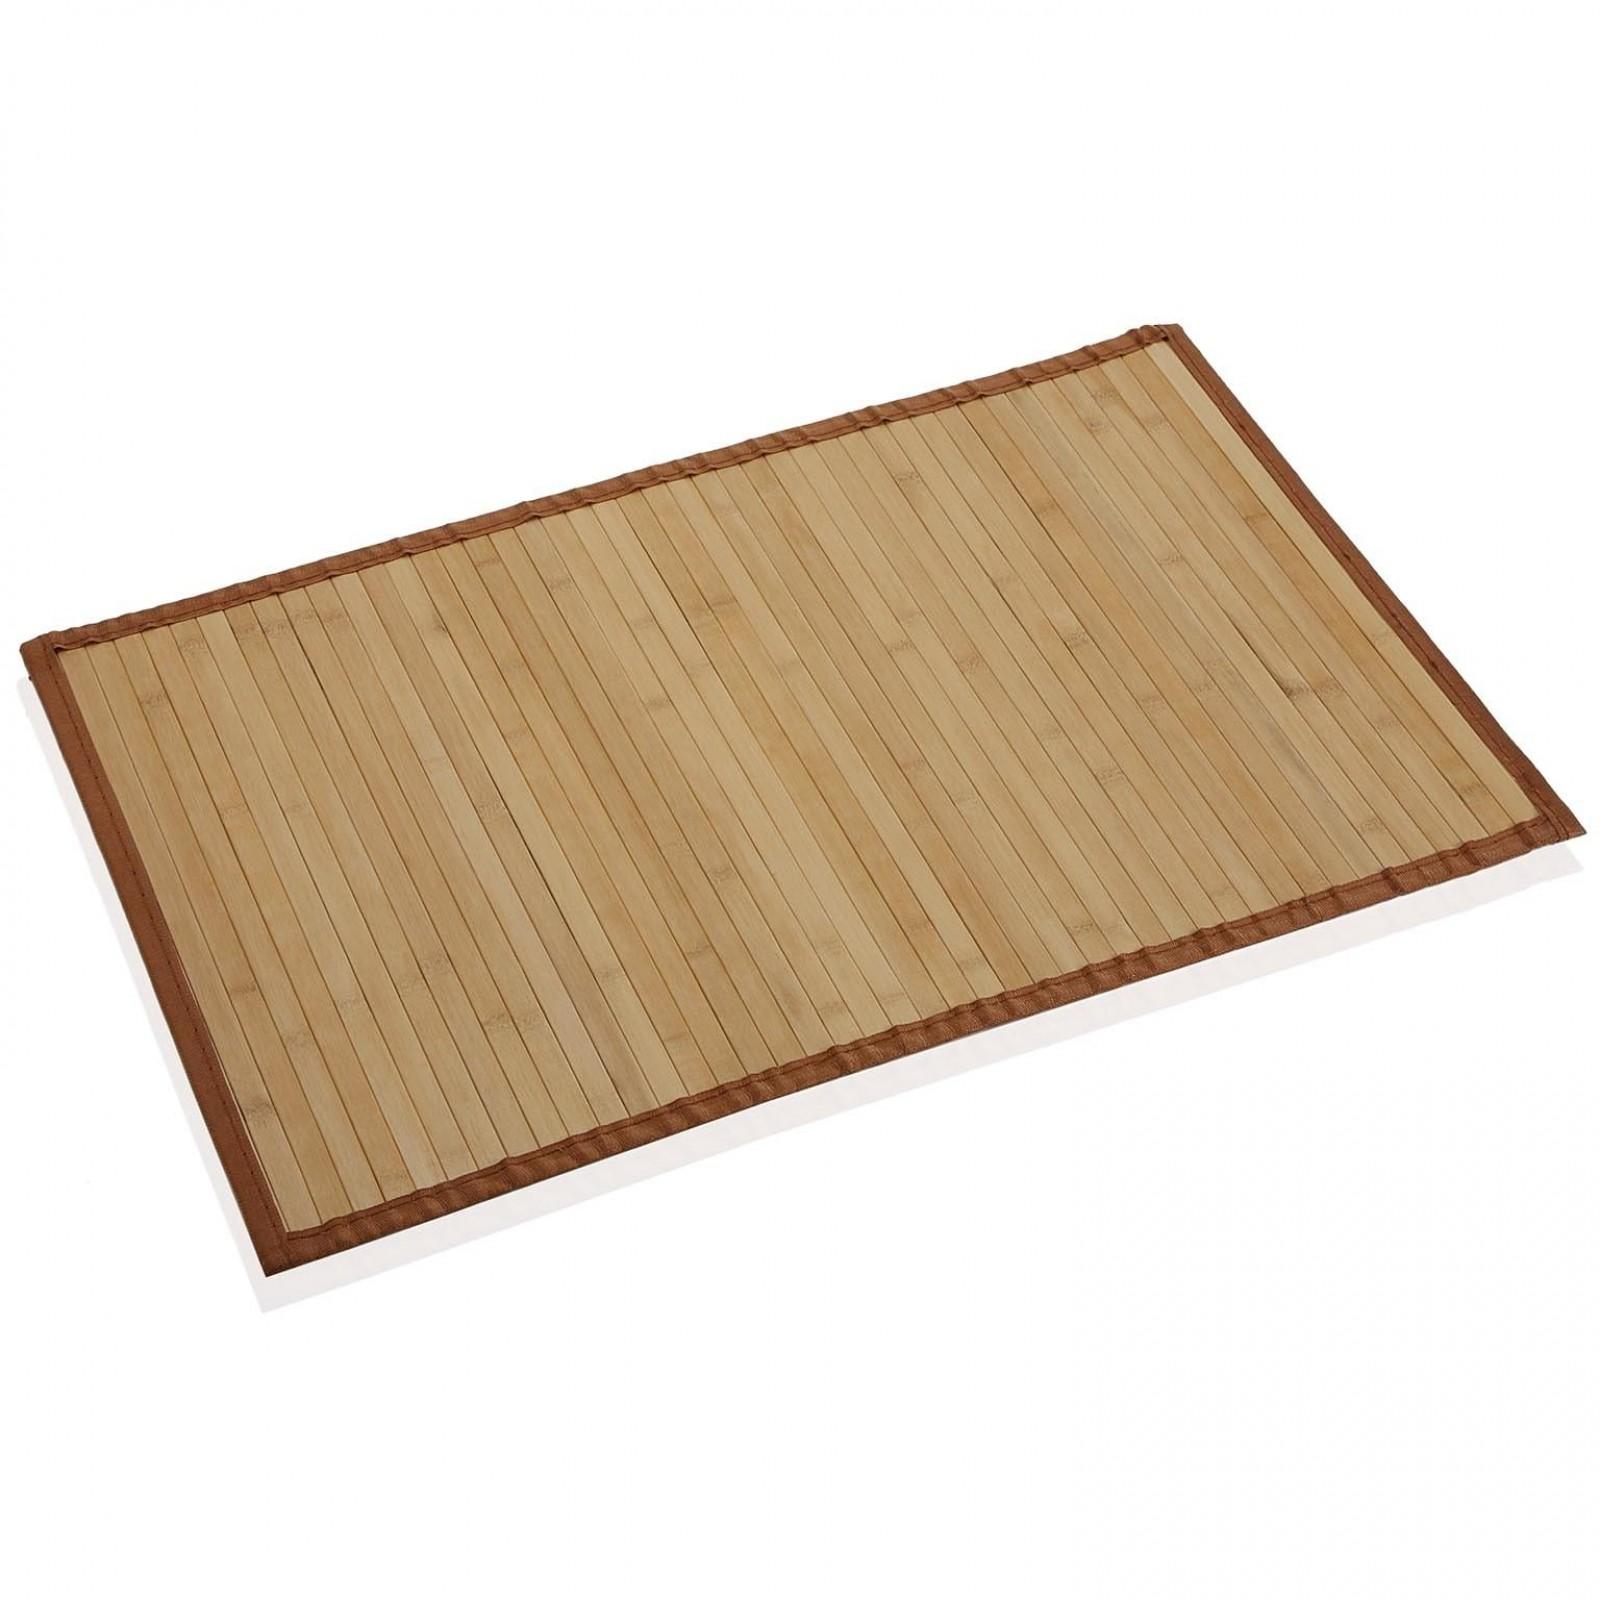 Bamboo Mat (Natural) - Versa